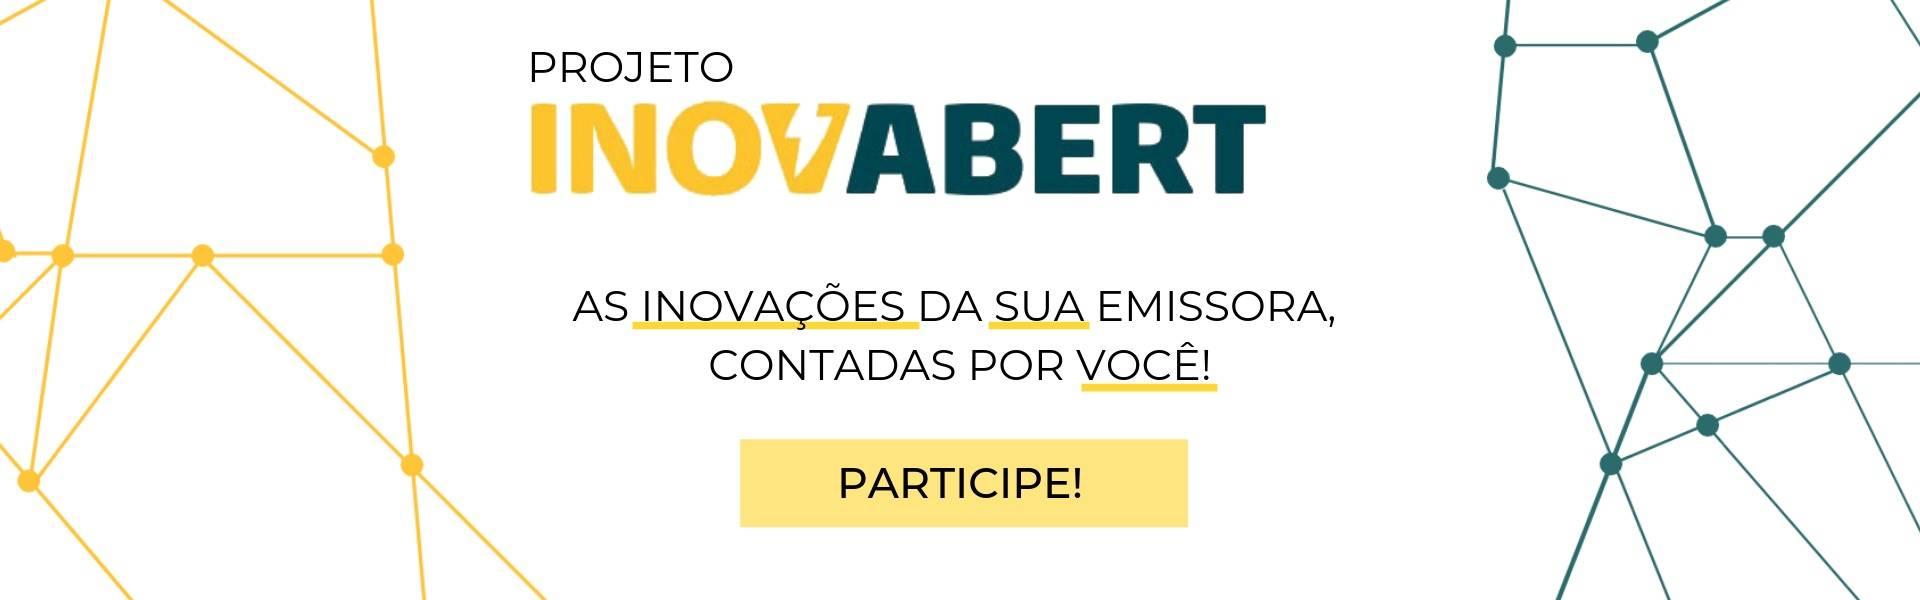 7e5836f44 ABERT - Associação Brasileira de Emissoras de Rádio e Televisão